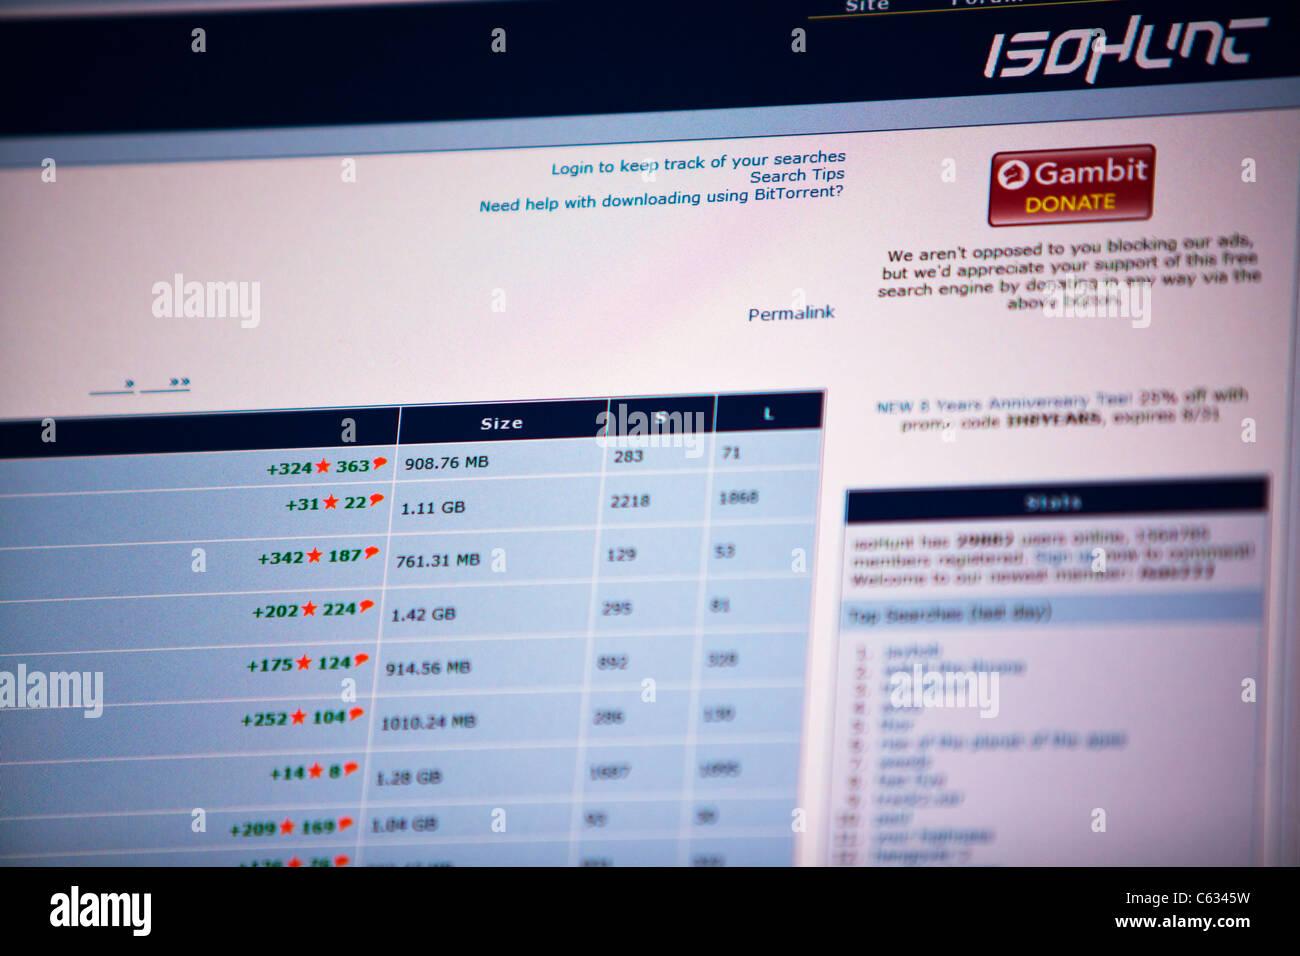 Logo du site de téléchargement illégal bit torrent iso hunt image haute résolution prises à Photo Stock